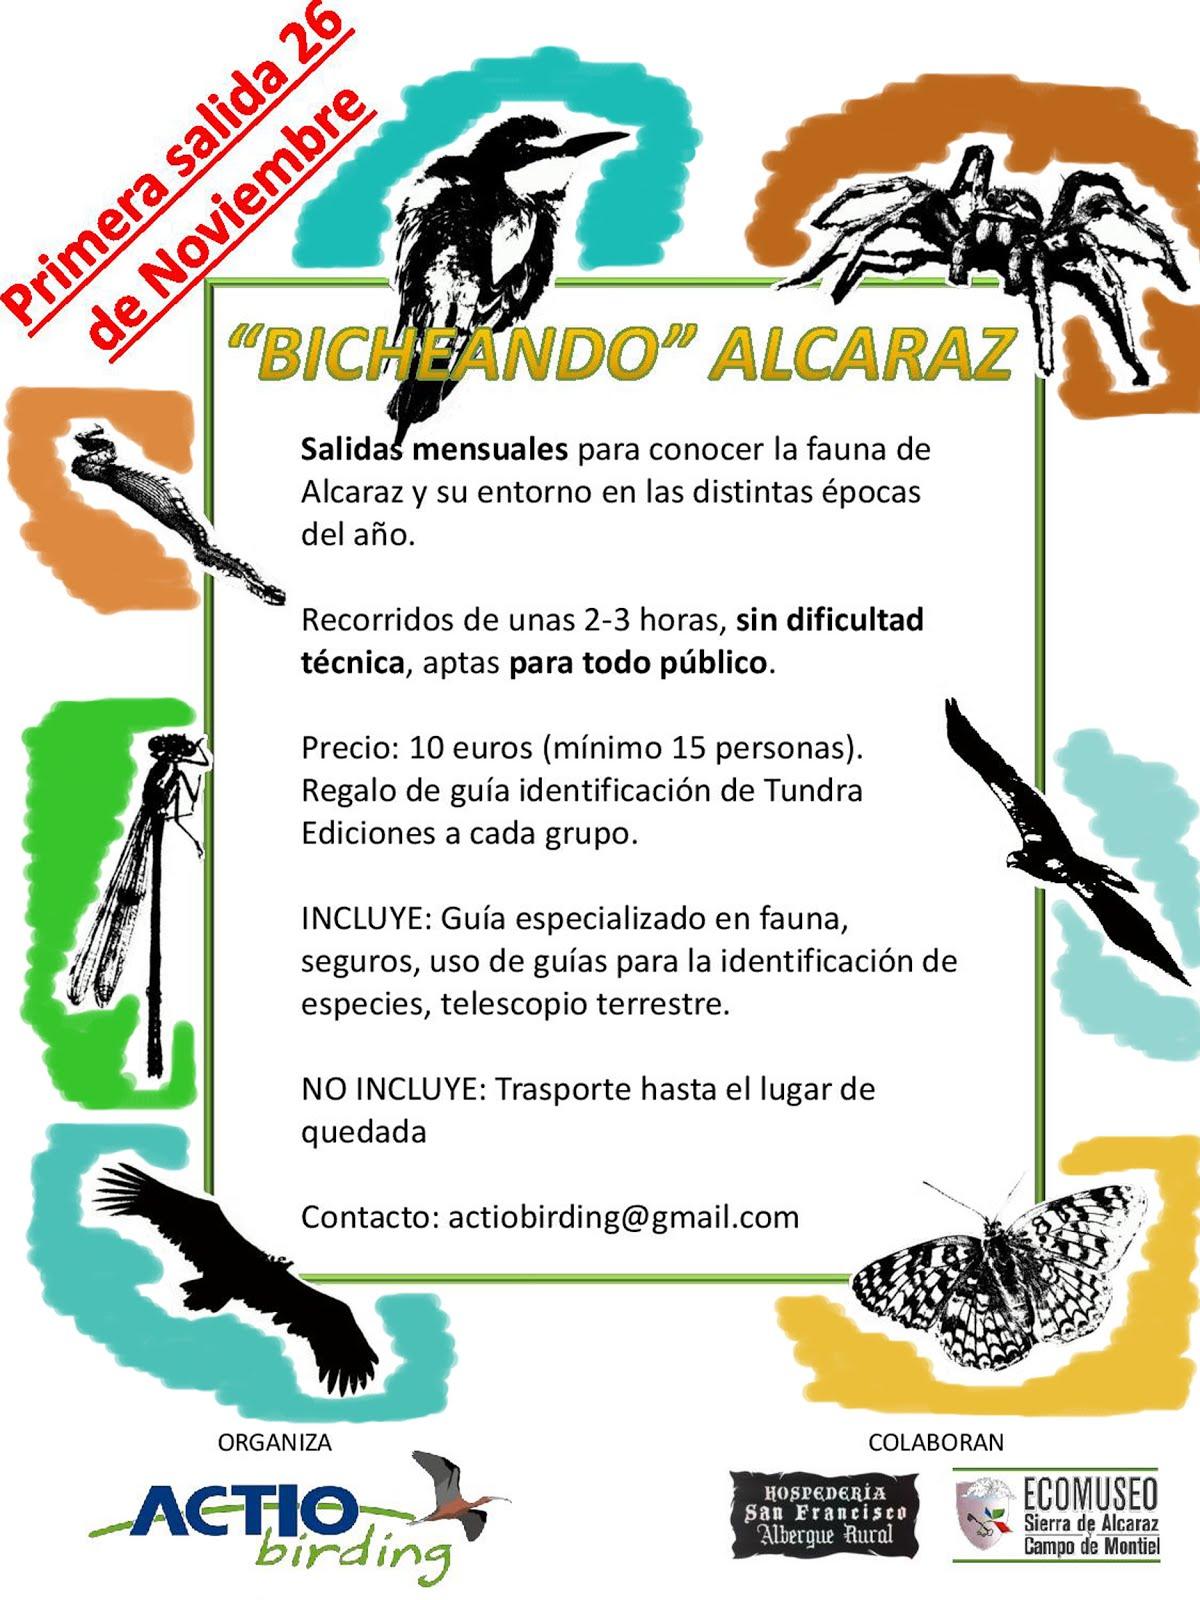 Bicheando Alcaraz